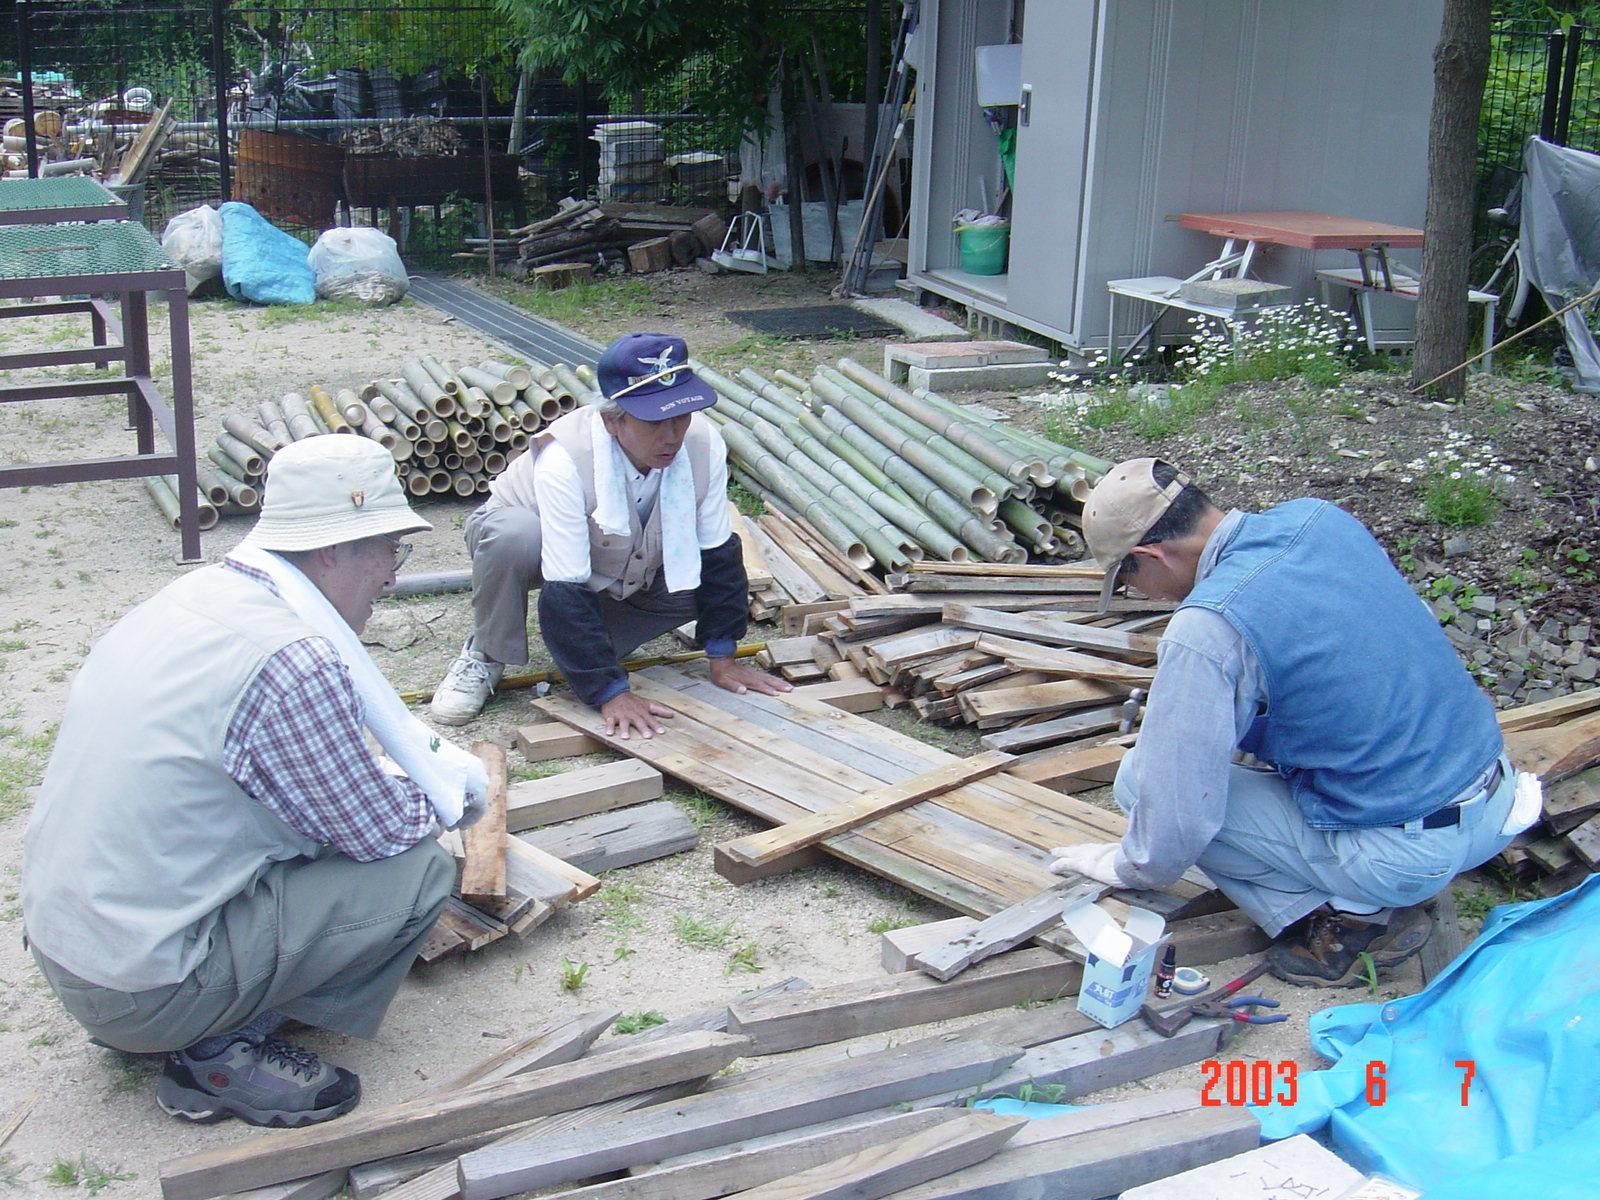 うみべの森の歴史⑬「2003年6月の活動」_c0108460_12033073.jpg